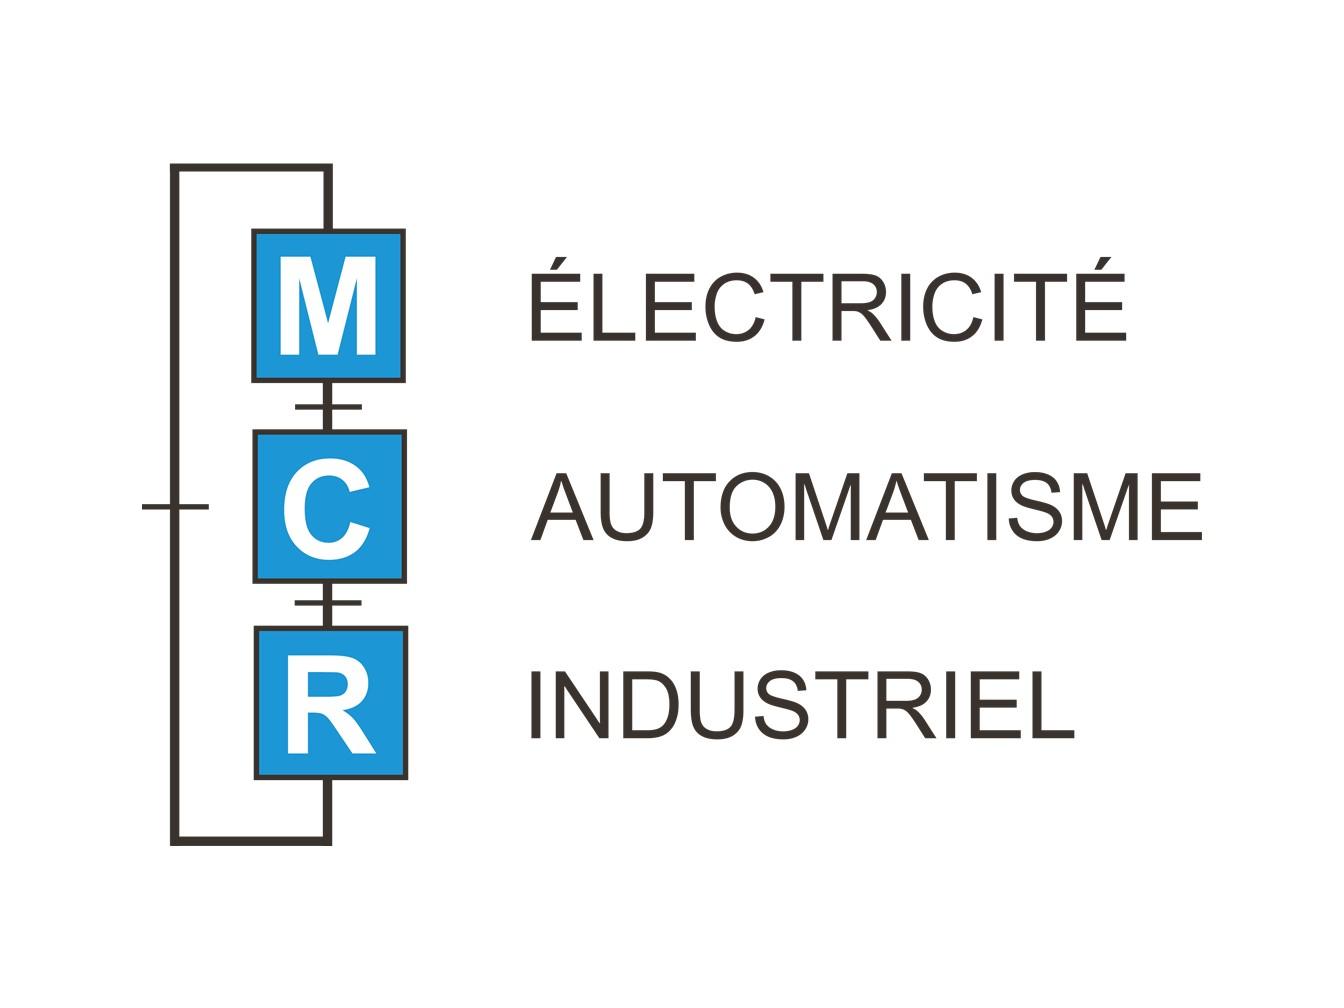 MCR ELECTRICITE AUTOMATISME ET ROBOTIQUE POUR INDUSTRIELS